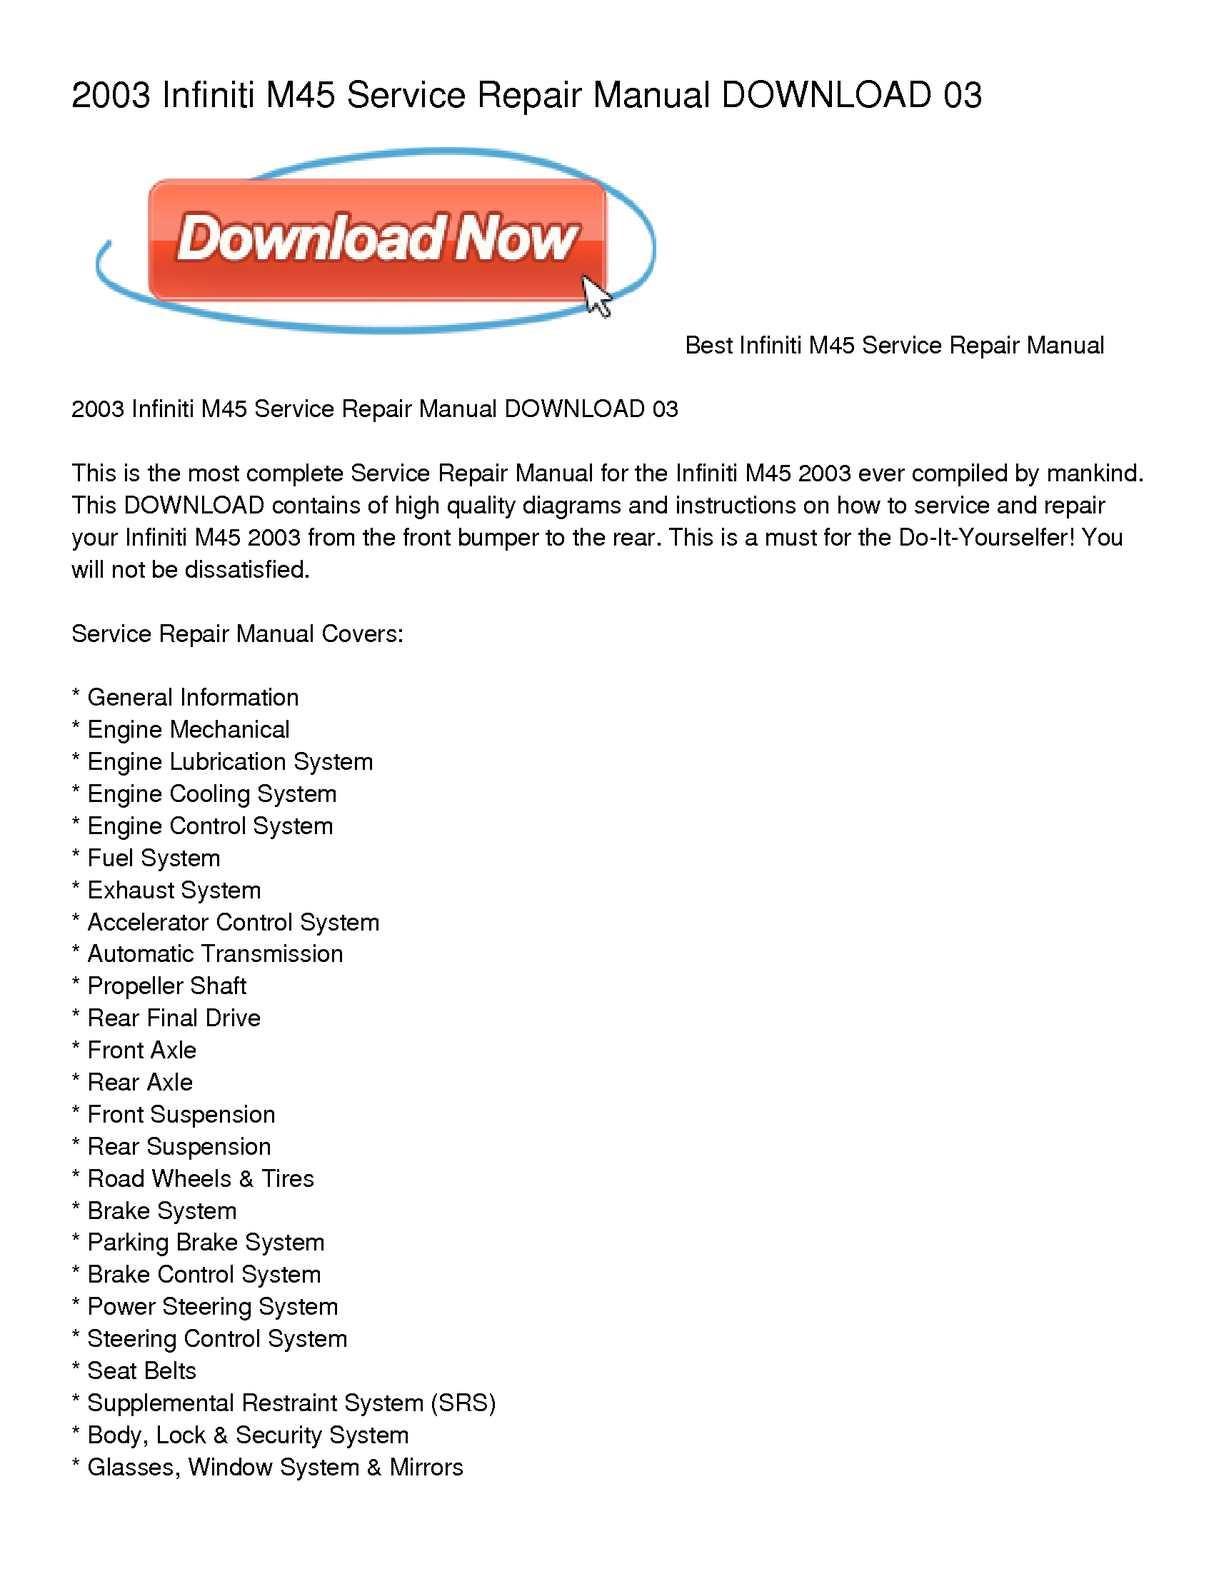 Infiniti M45 Engine Diagram Wiring Library 2003 Calamo Service Repair Manual Download 03